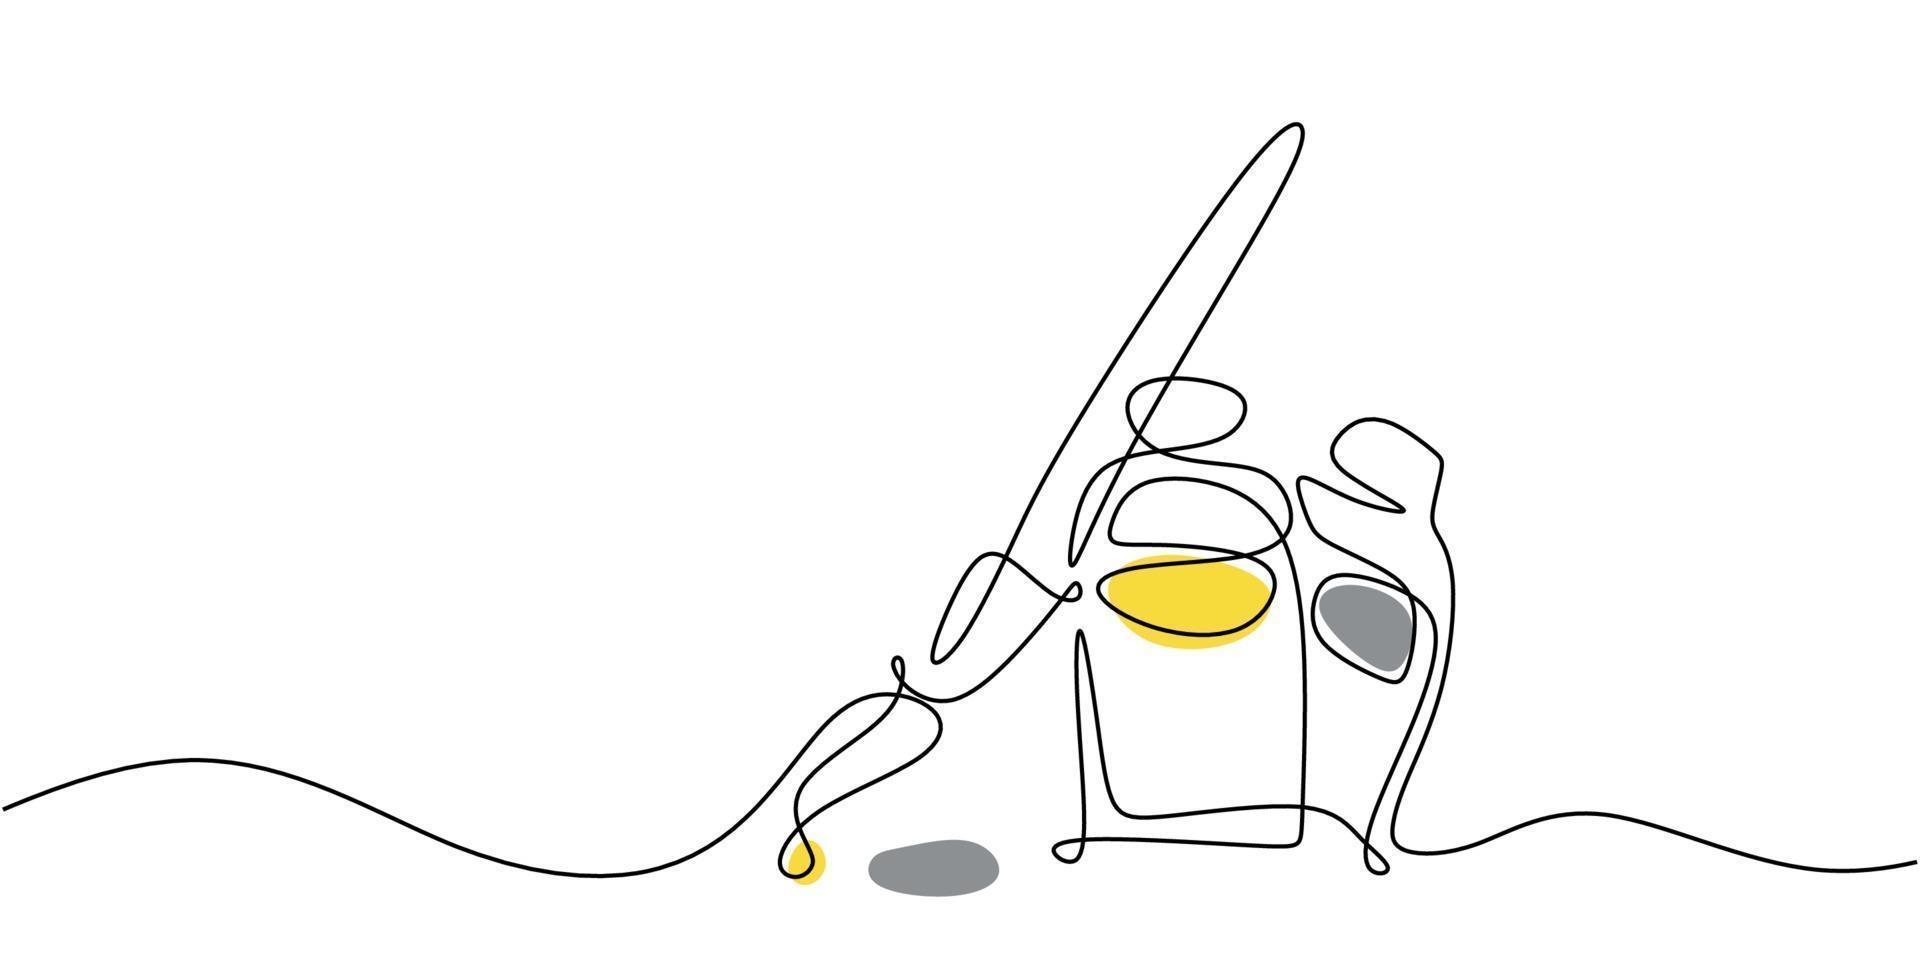 um único desenho de linha contínua de equipamento de pintura com pincel, tinta amarela e cinza isolada no fundo branco. vetor